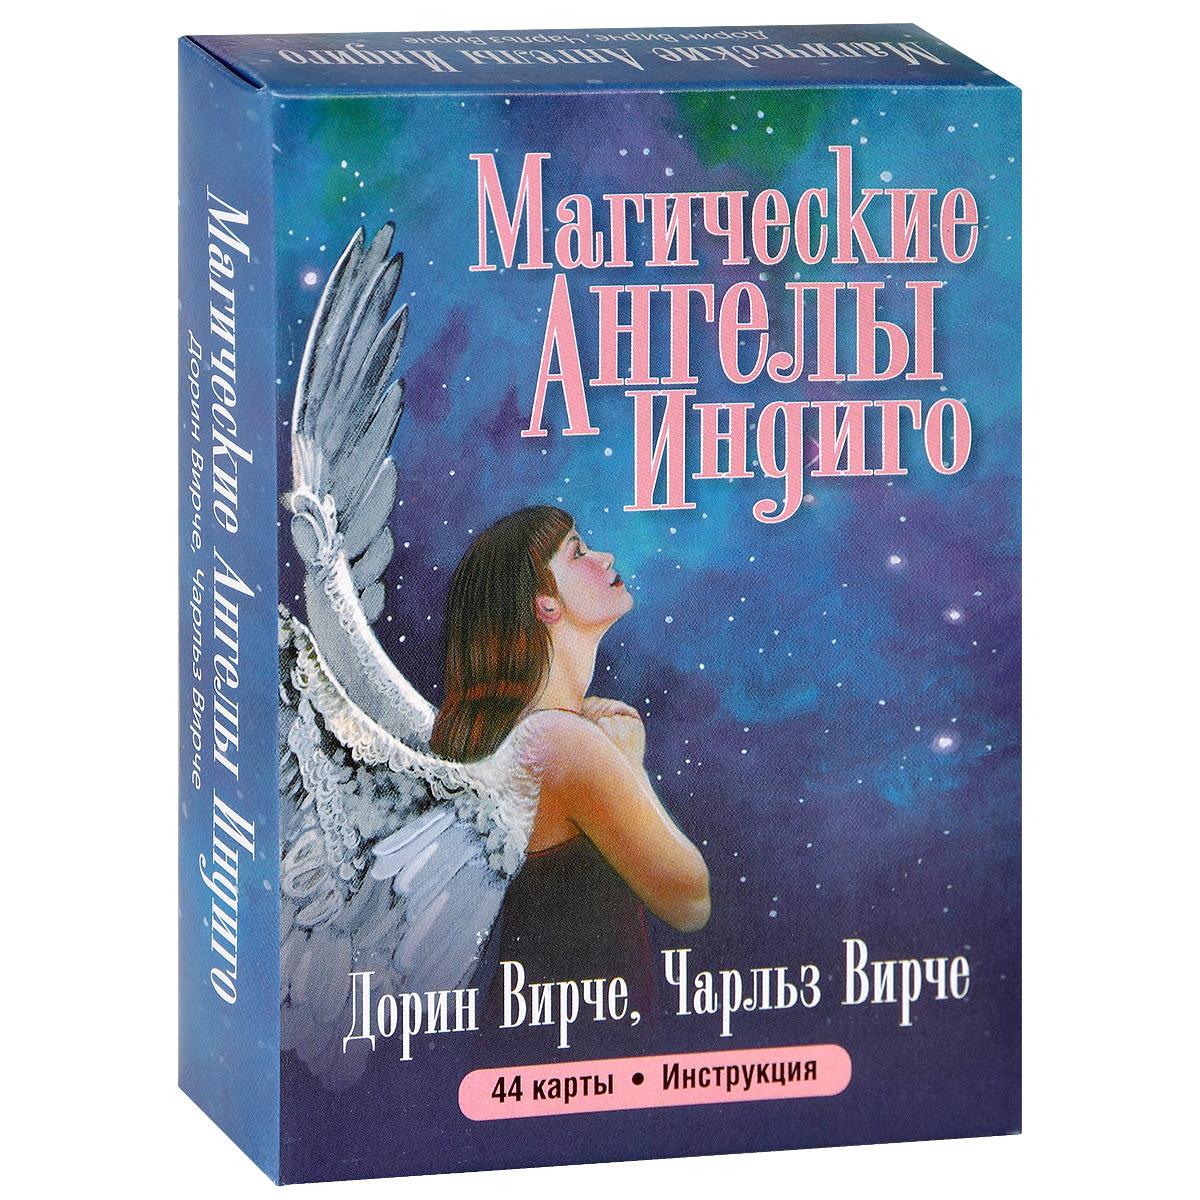 Дорин Вирче, Чарльз Вирче Магические ангелы индиго (+ набор из 44 карт)